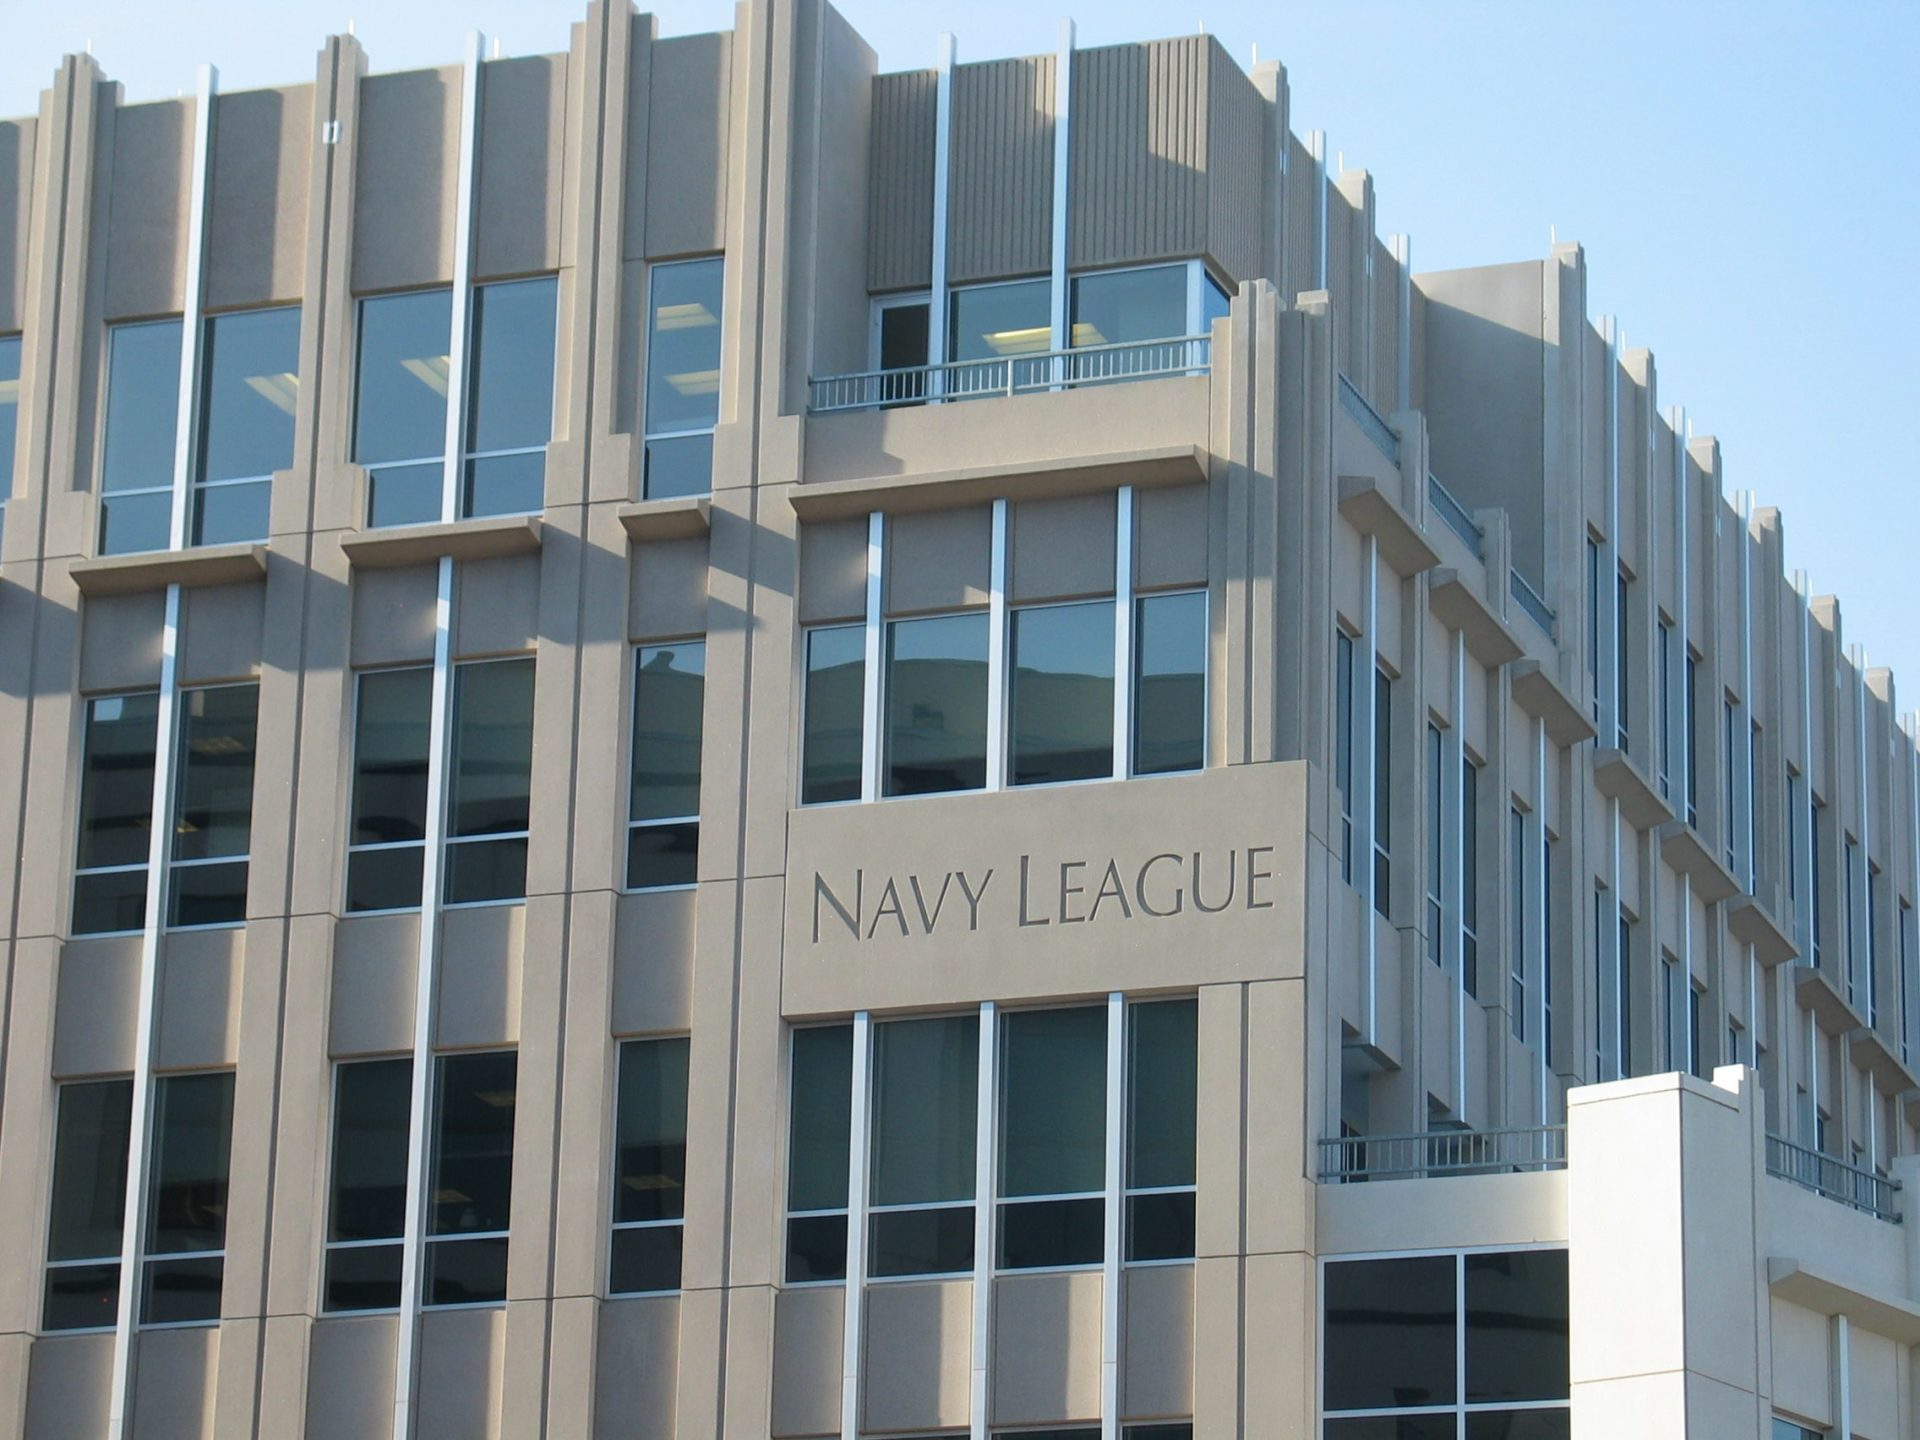 Navy League, Arlington, VA